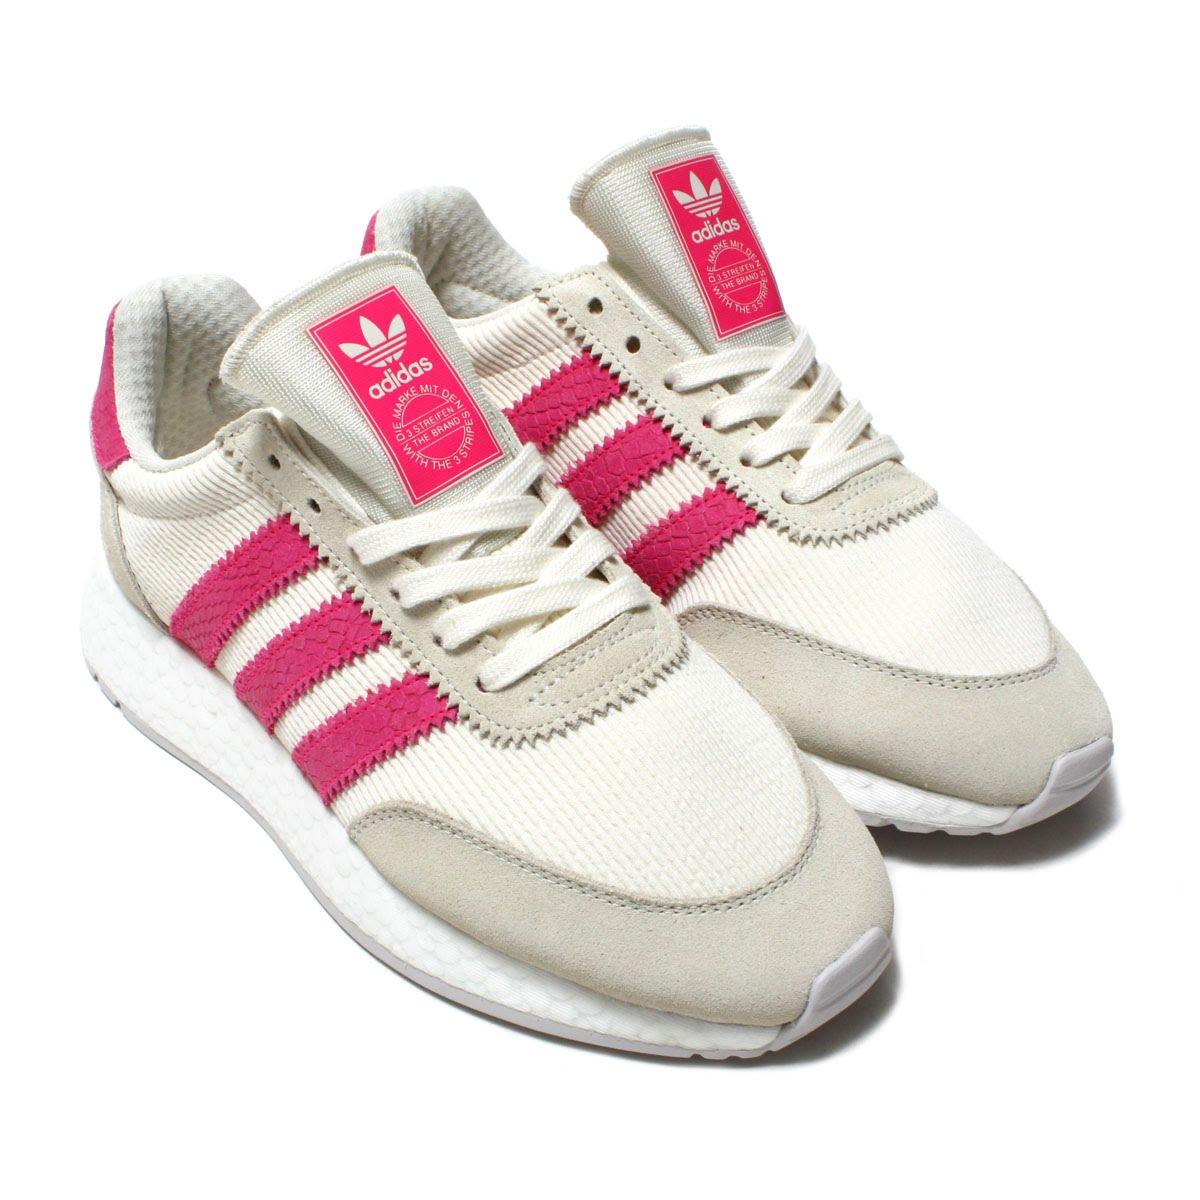 Adidas I 5923 WhiteOff White